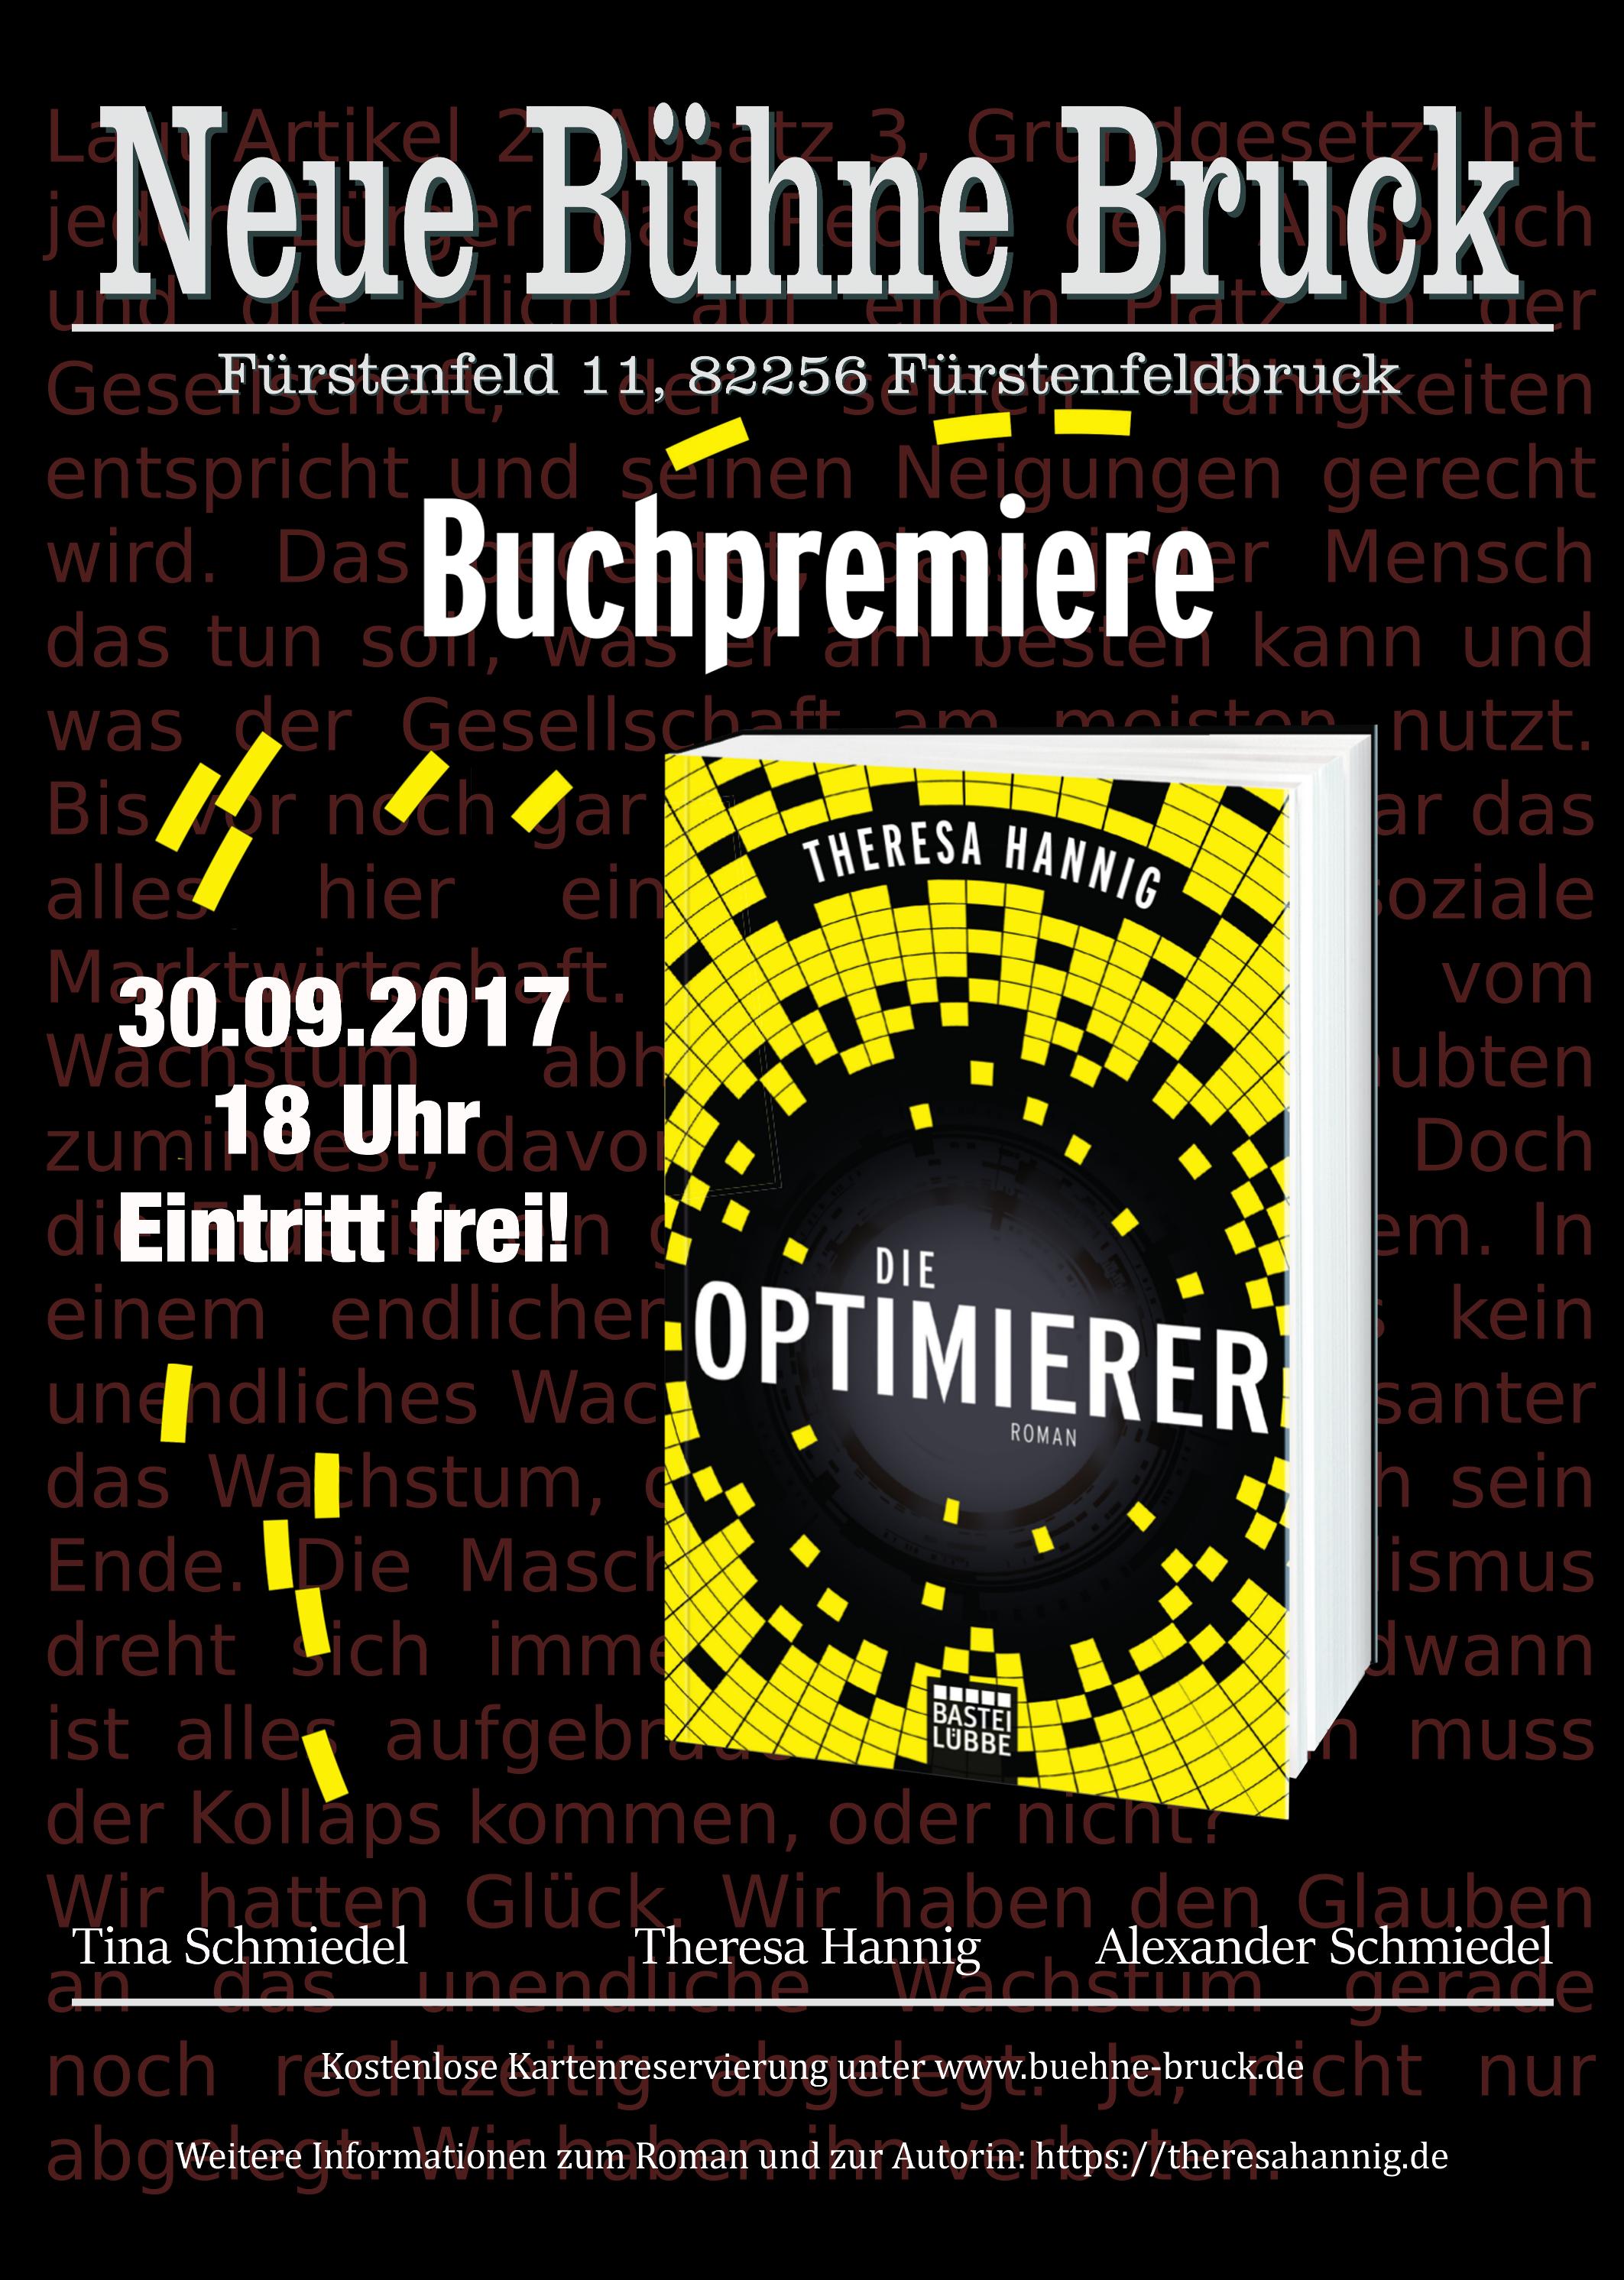 Offizielles Plakat für die Neue Bühne Bruck